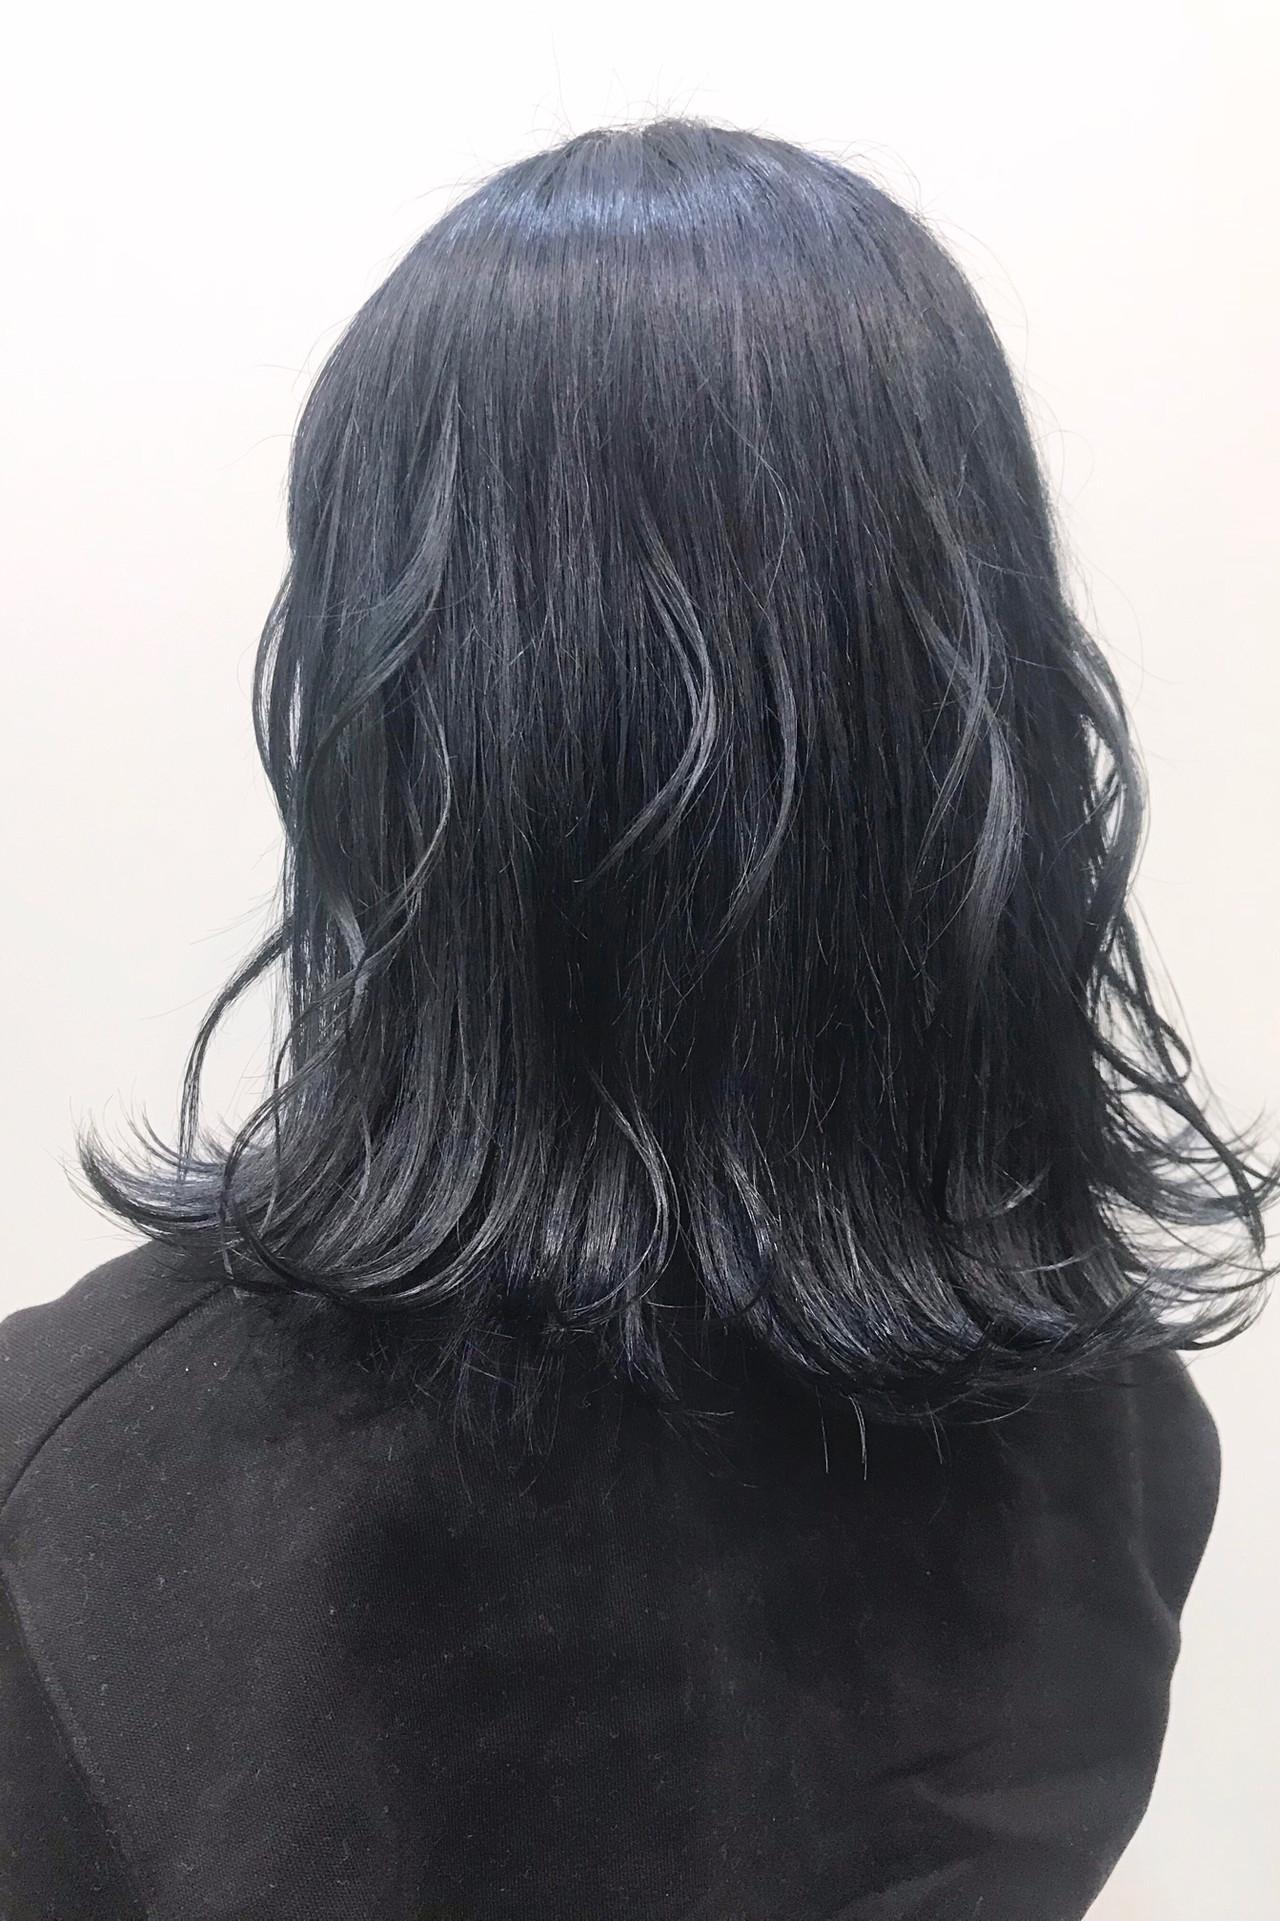 ネイビーカラーで作るモード感溢れる暗髪のゆる巻きミディアム ヒラサワ タカヒロluexecreare